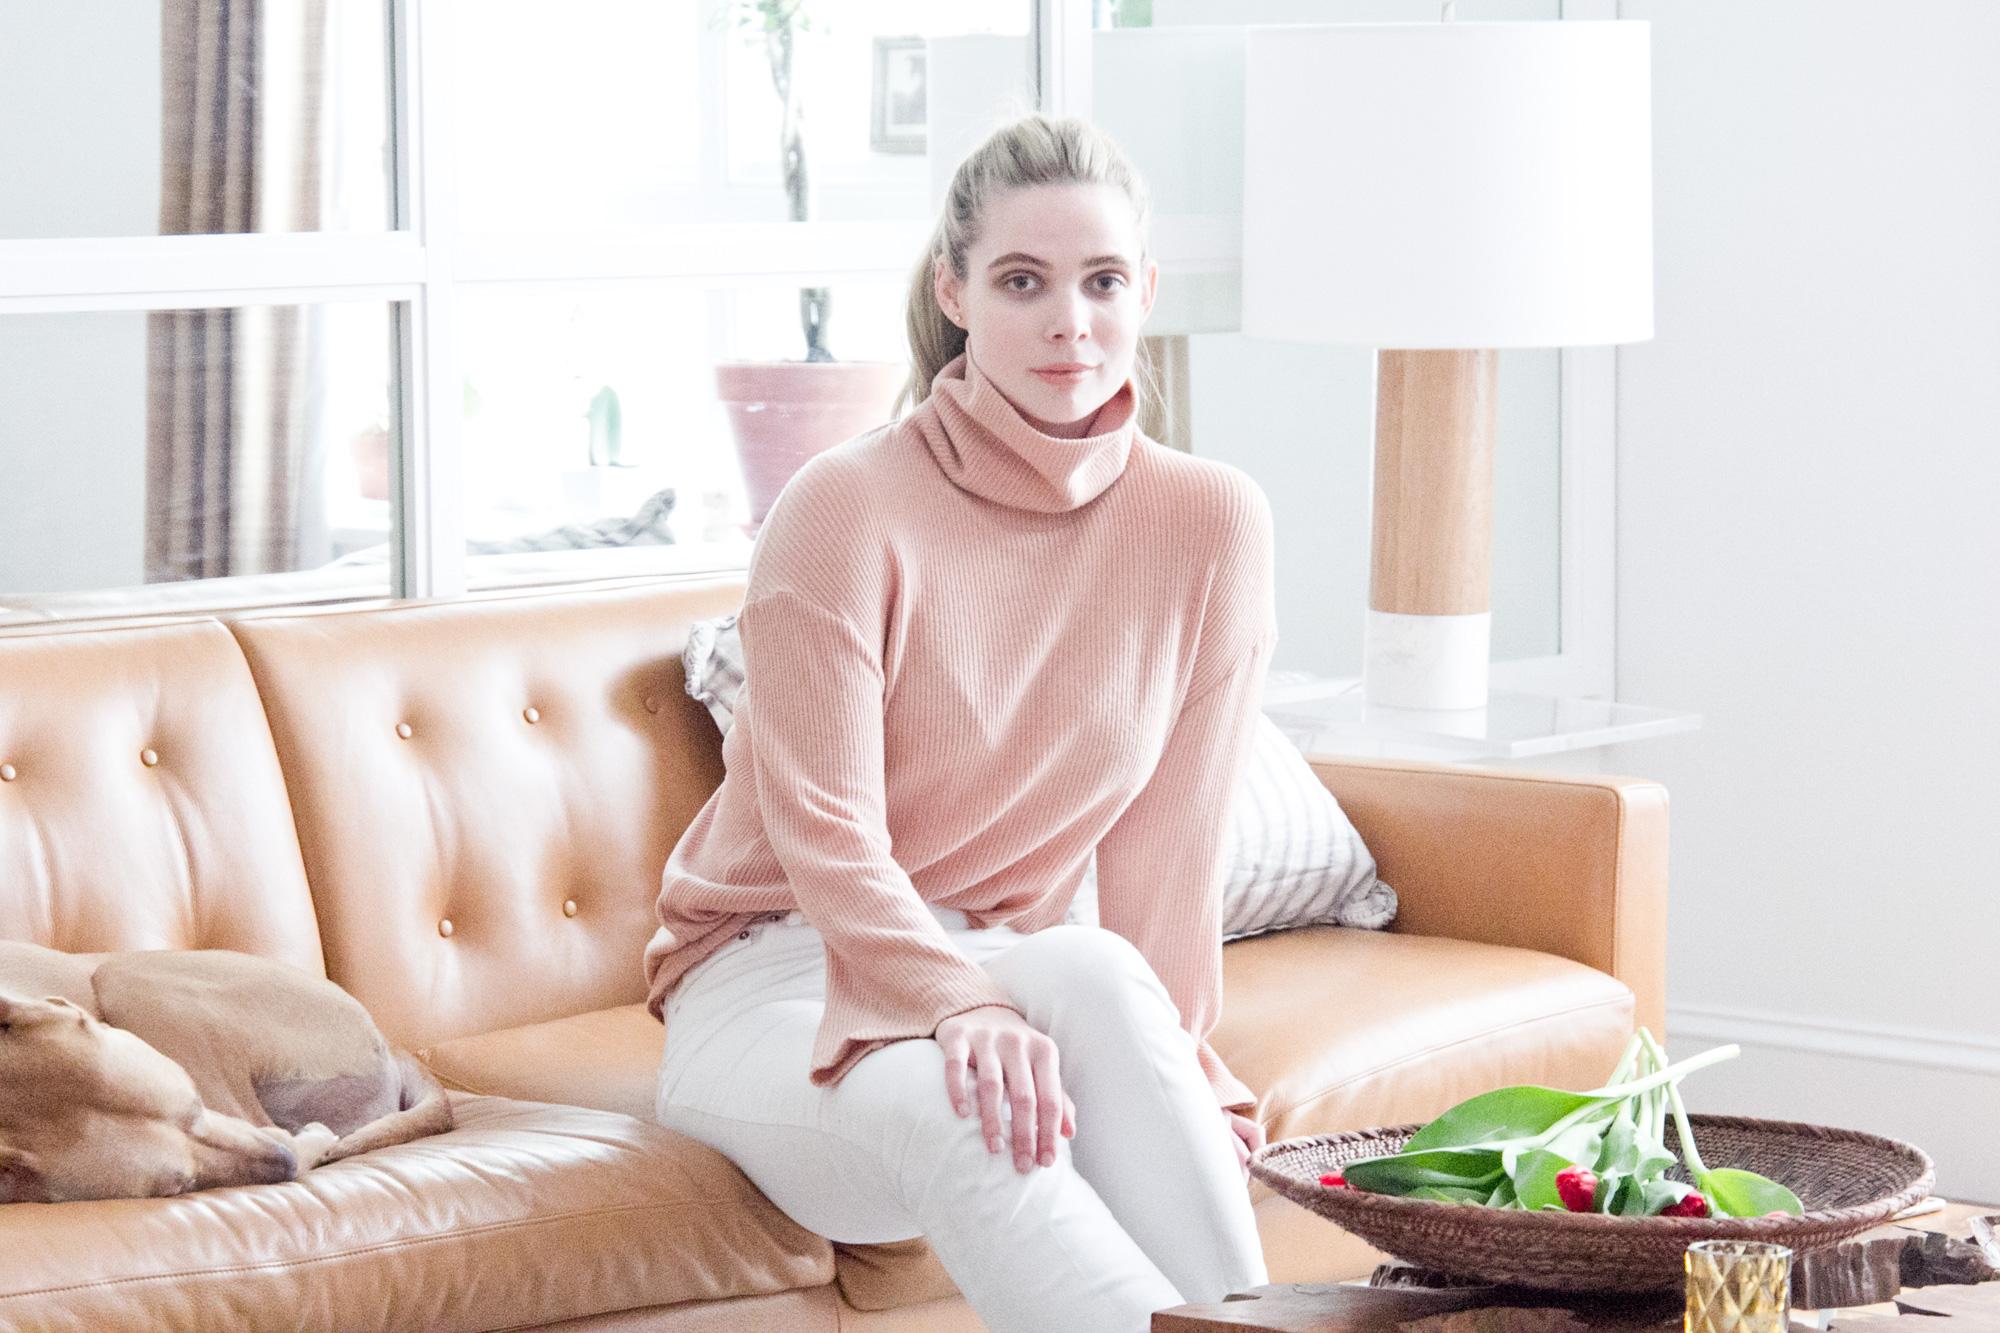 The Setting founder Amanda Shine